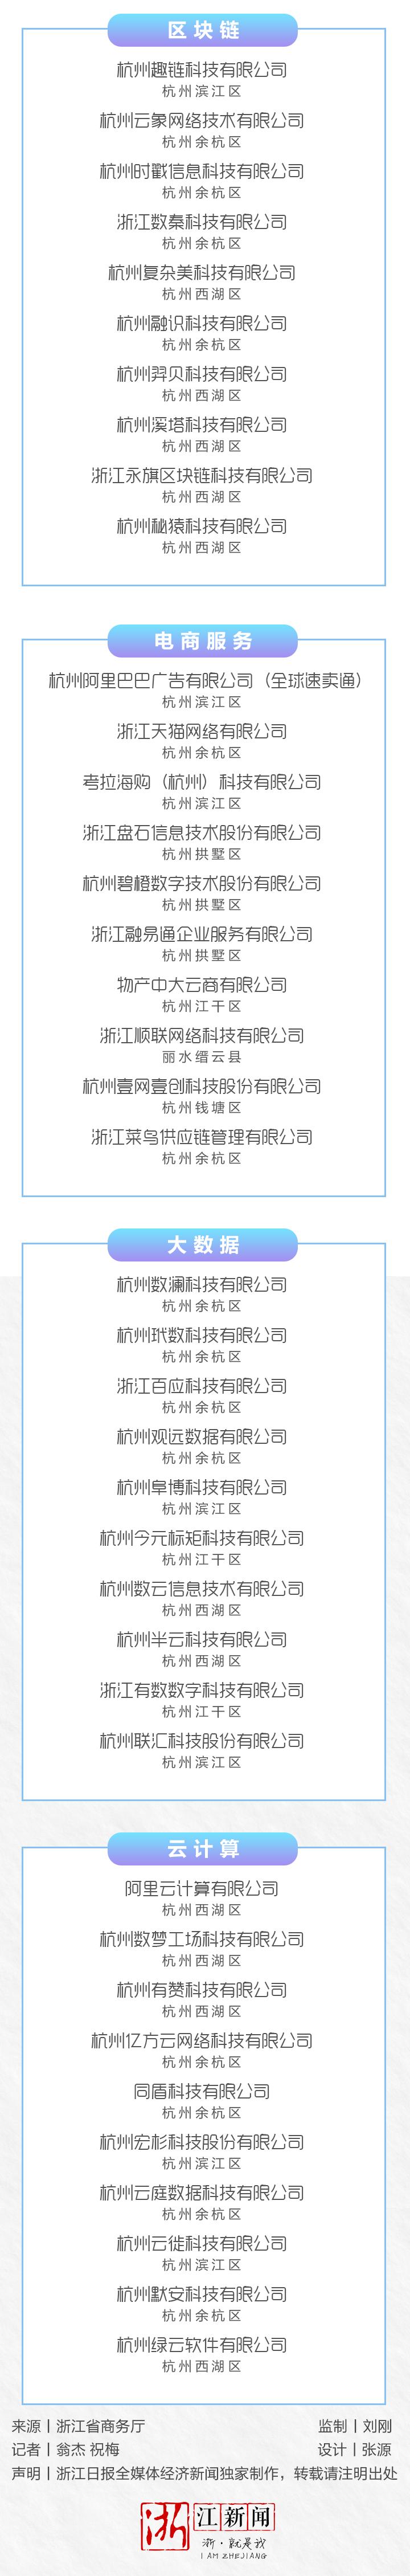 数字贸易百强_04.png